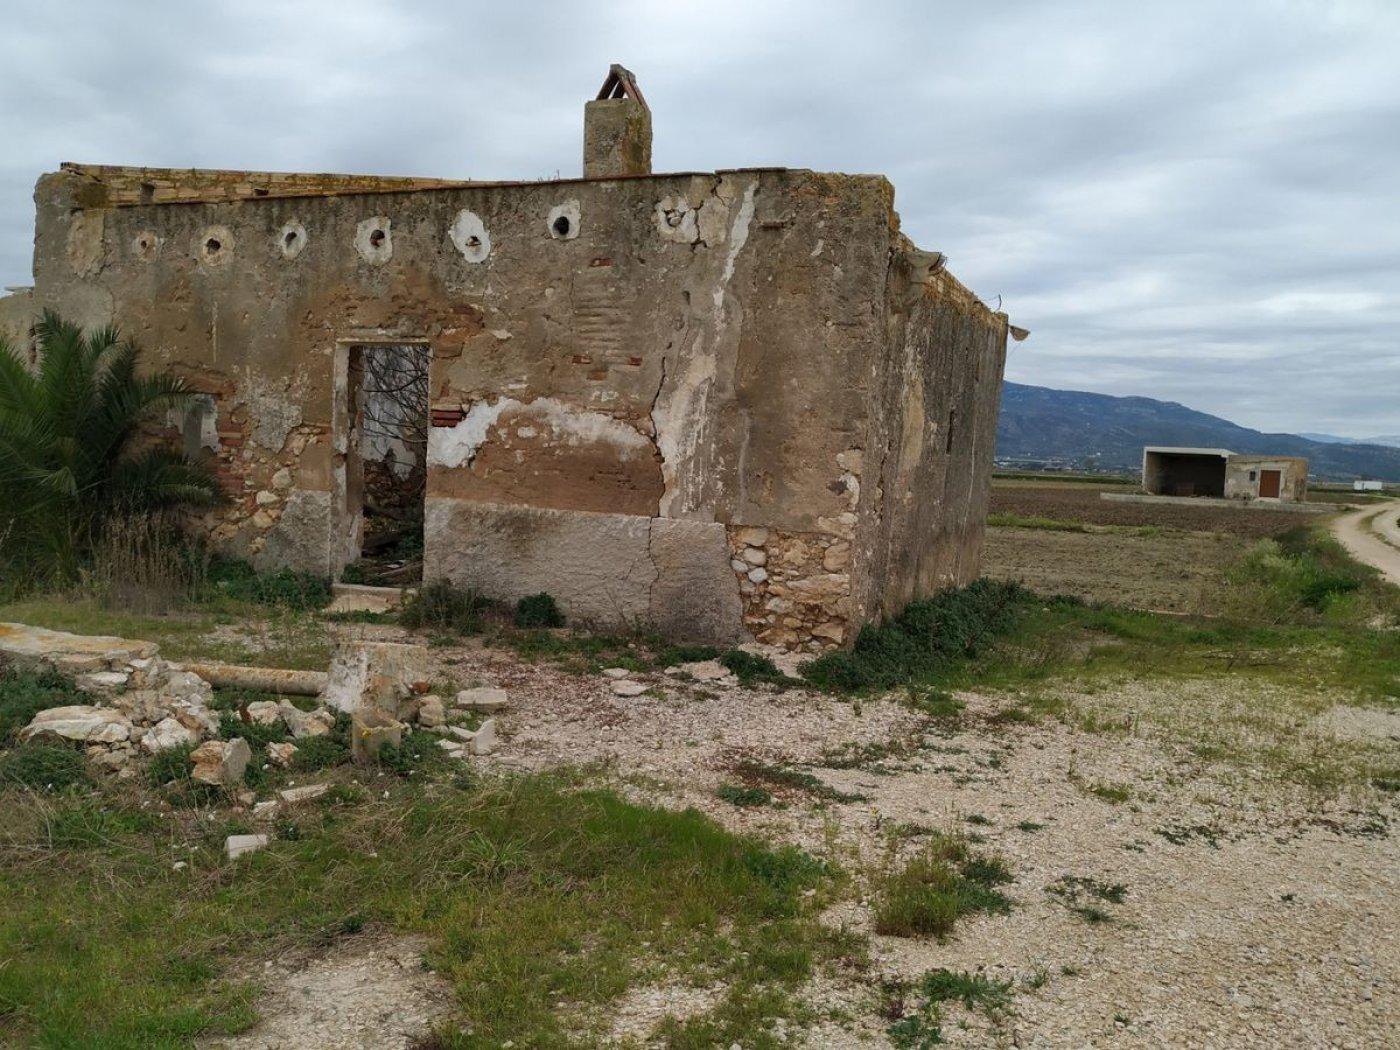 Finca en venta en Rustico, Sant Carles de la Rapita